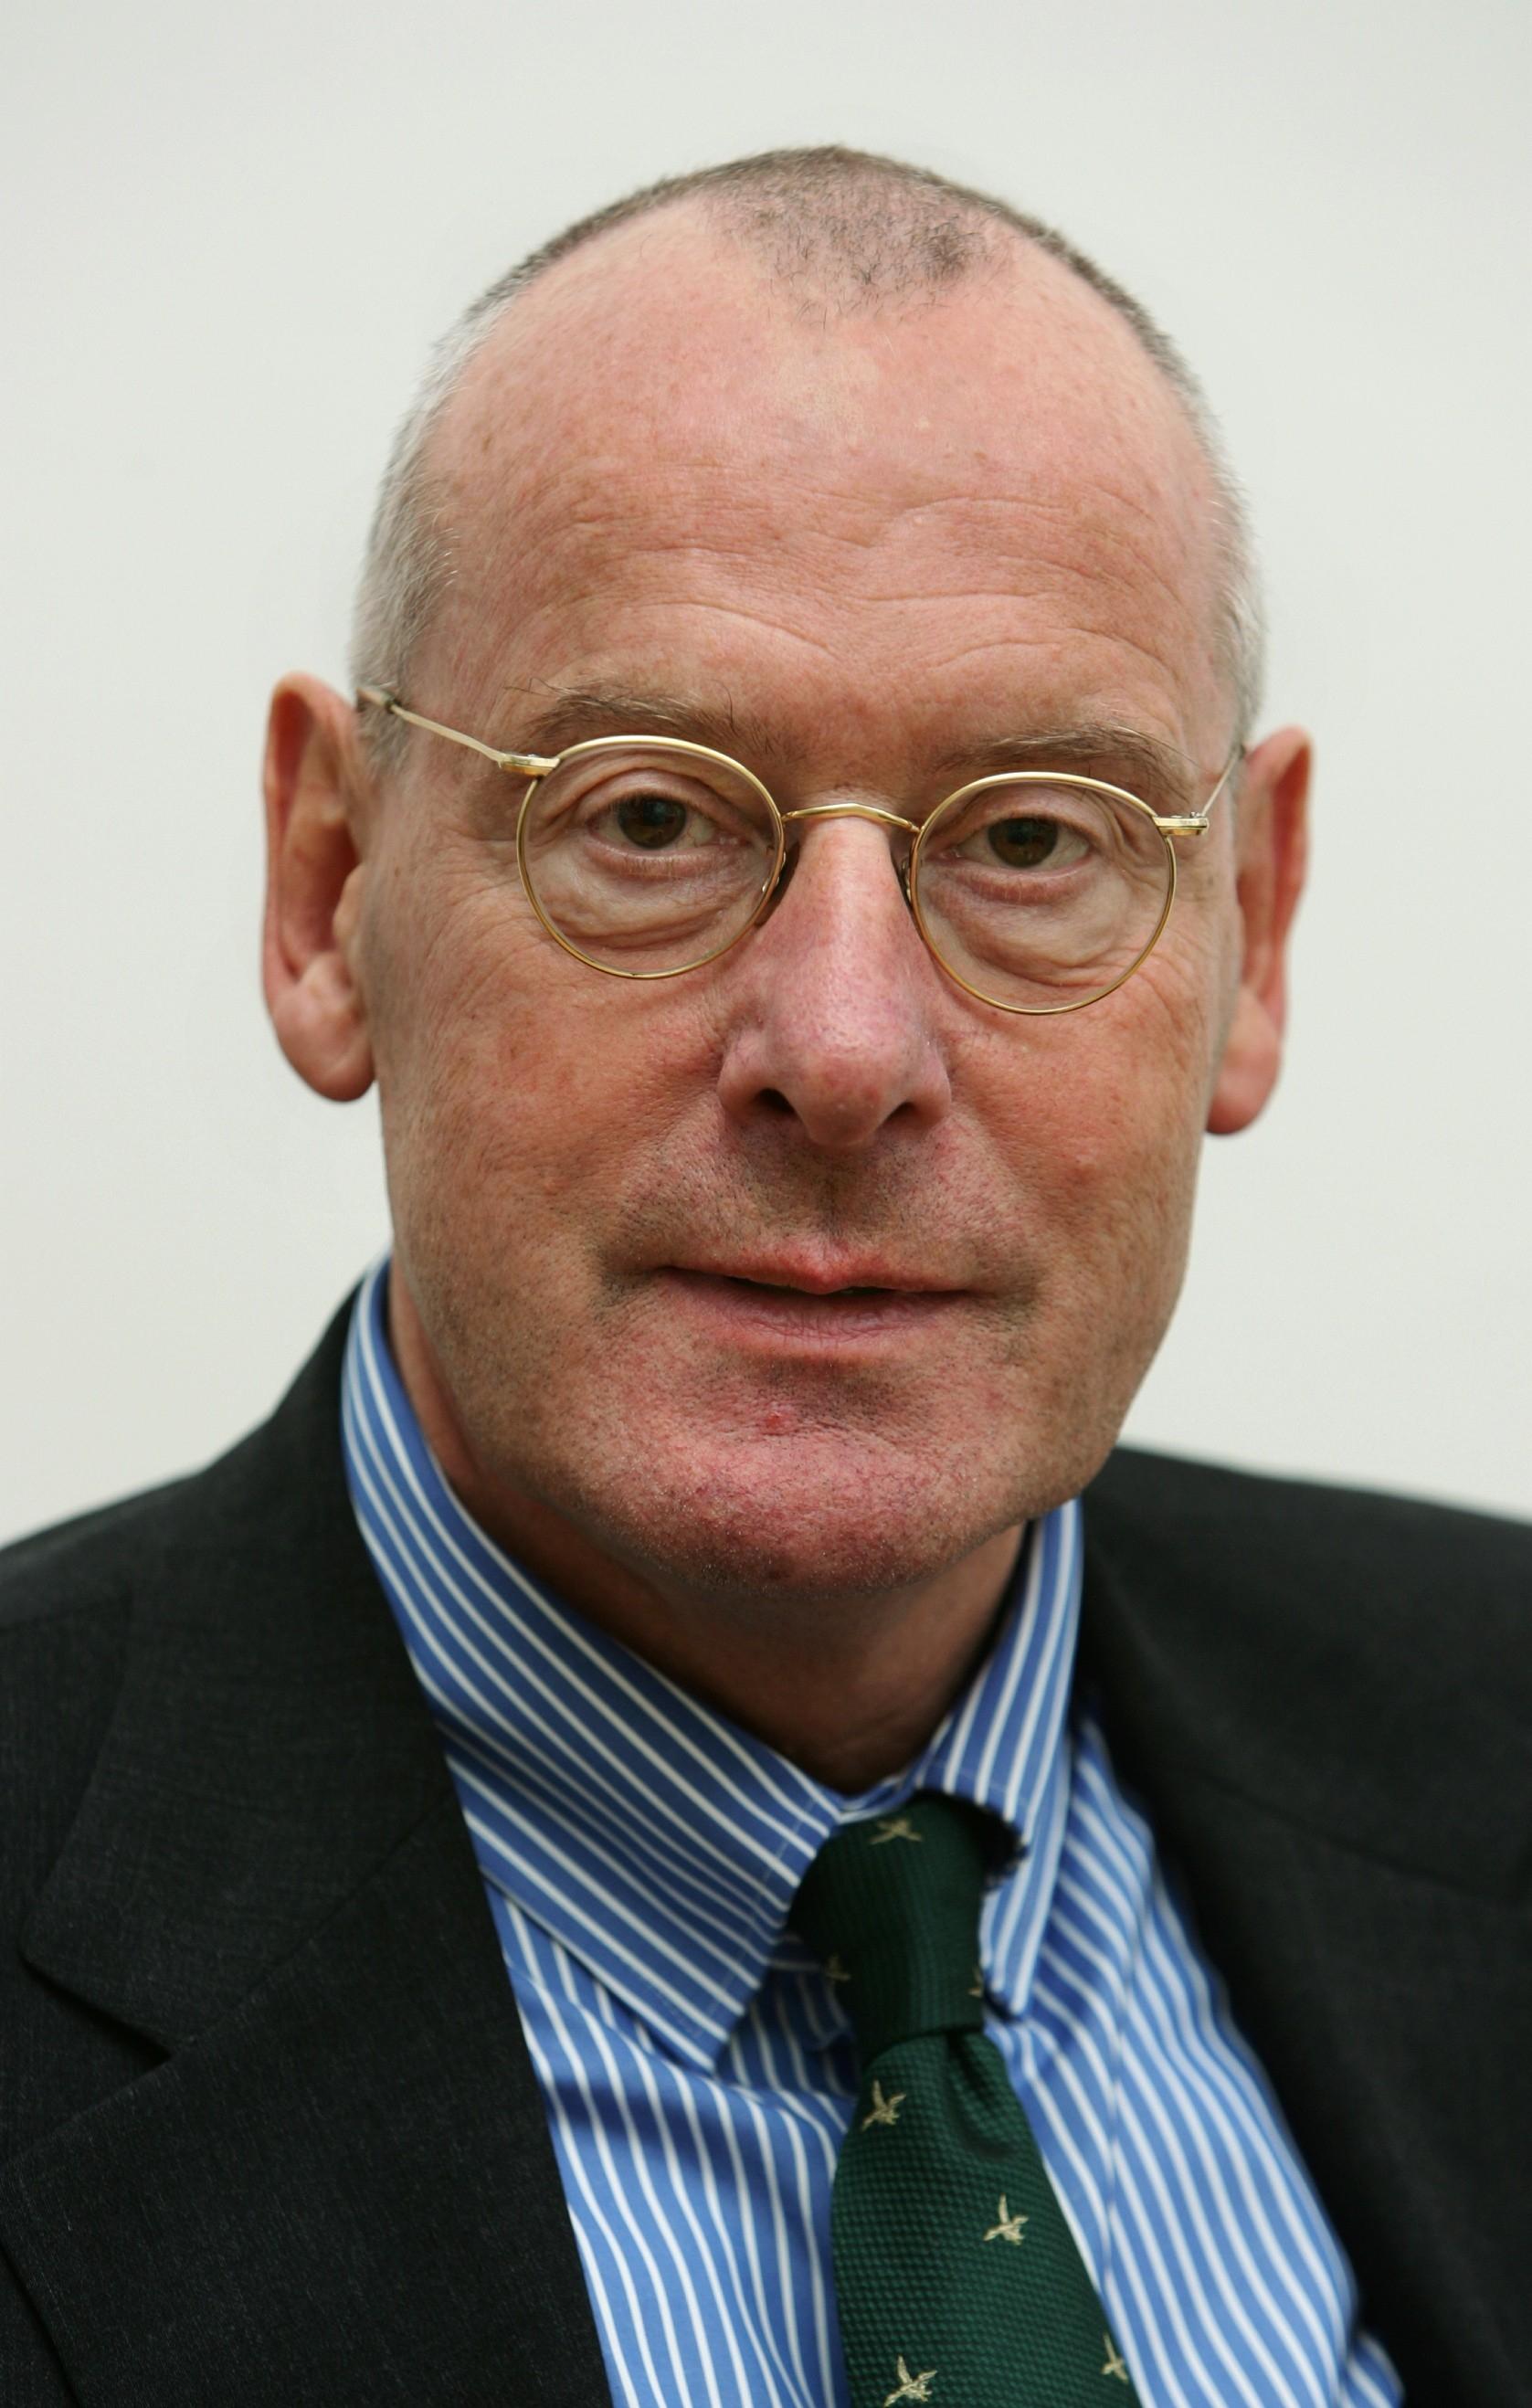 Professor Dr. Volker Gerhardt